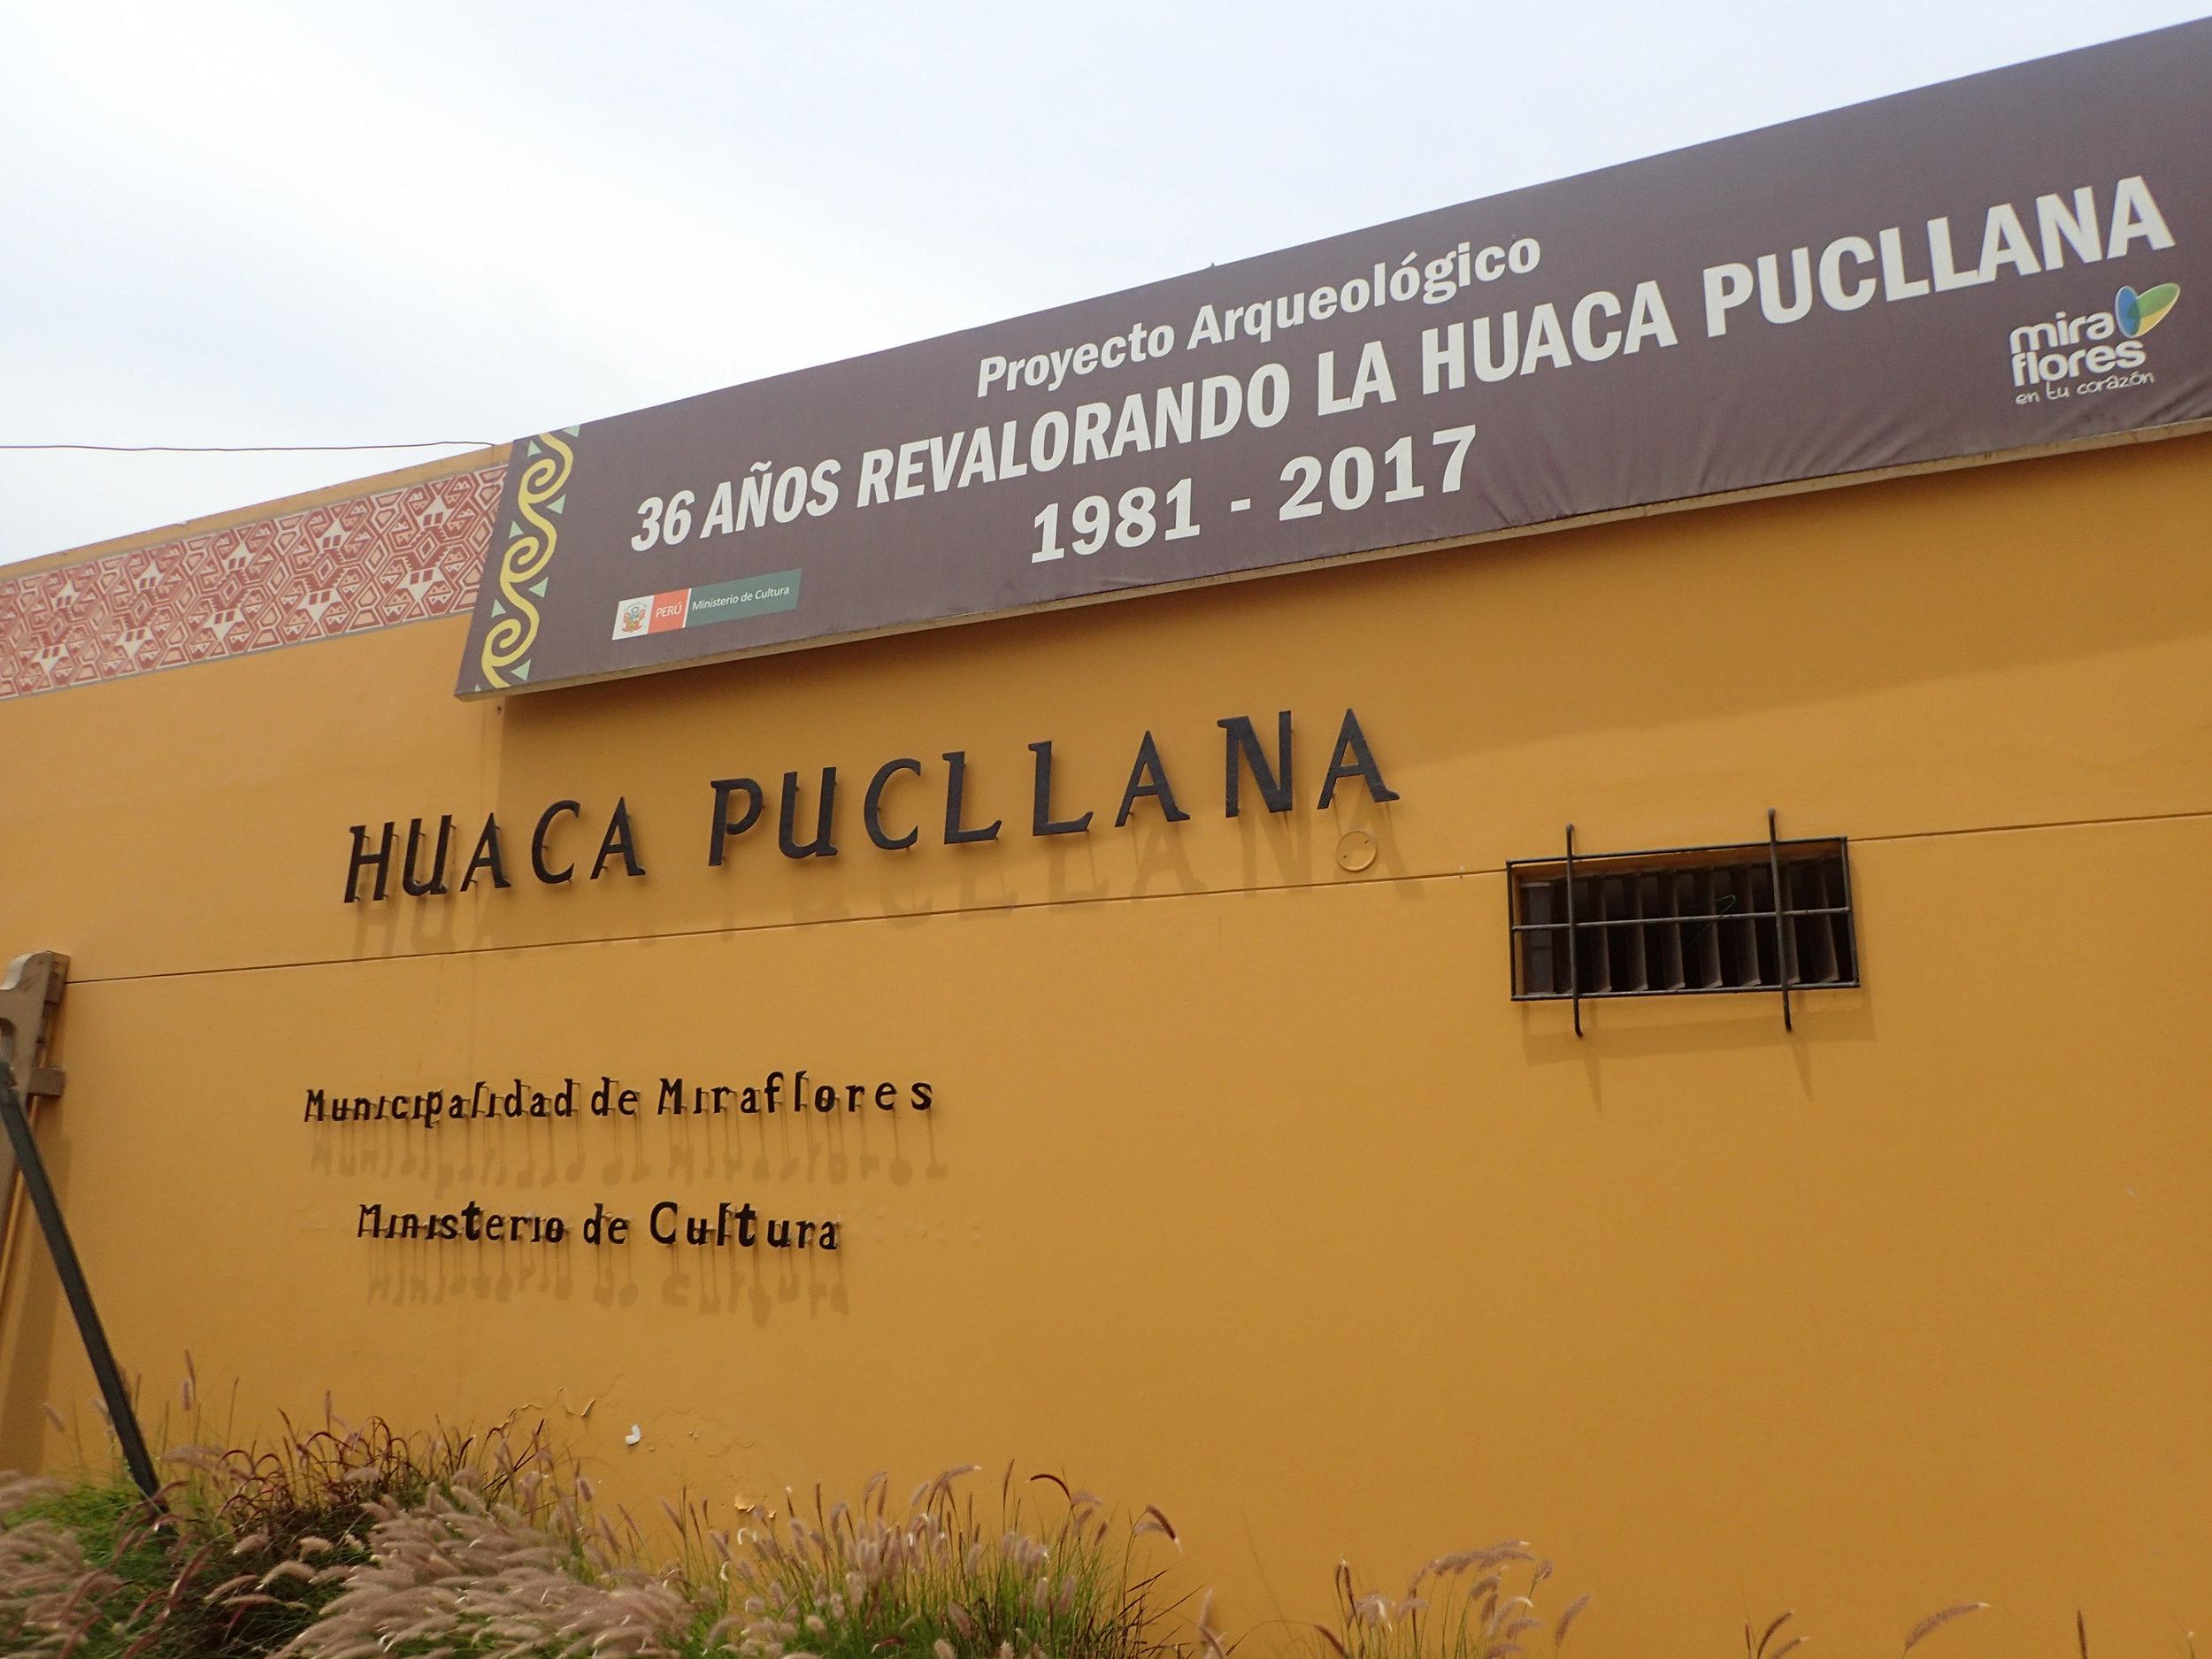 Huaca Pucllana caja.jpg